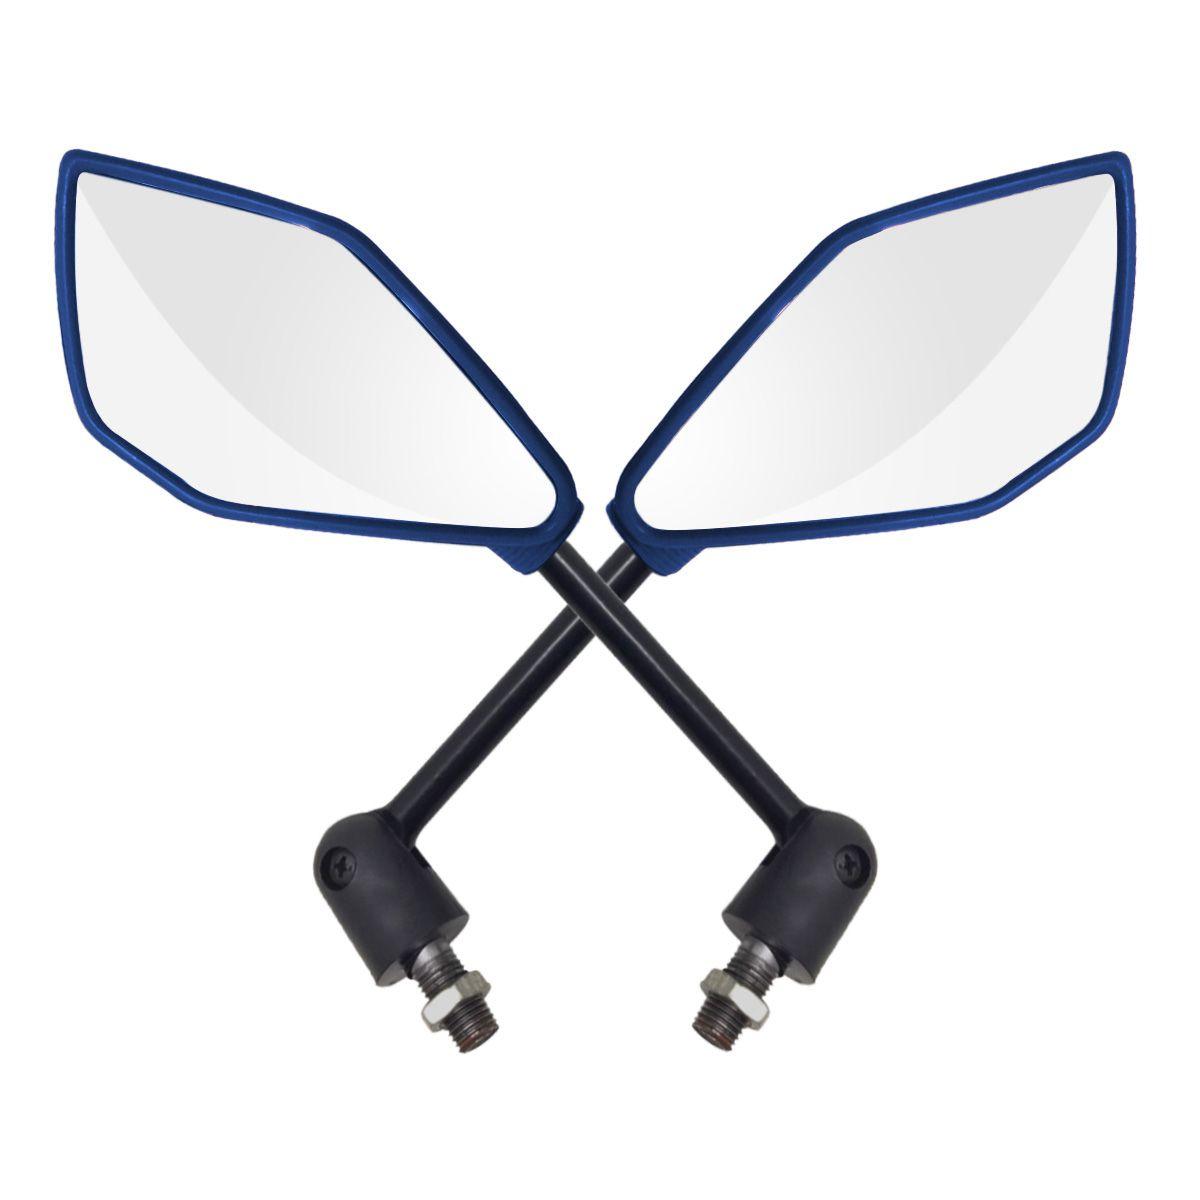 Espelho Retrovisor Yamaha - Direito e Esquerdo c/ Articulador - Azul - Rizoma Naja - Maximo